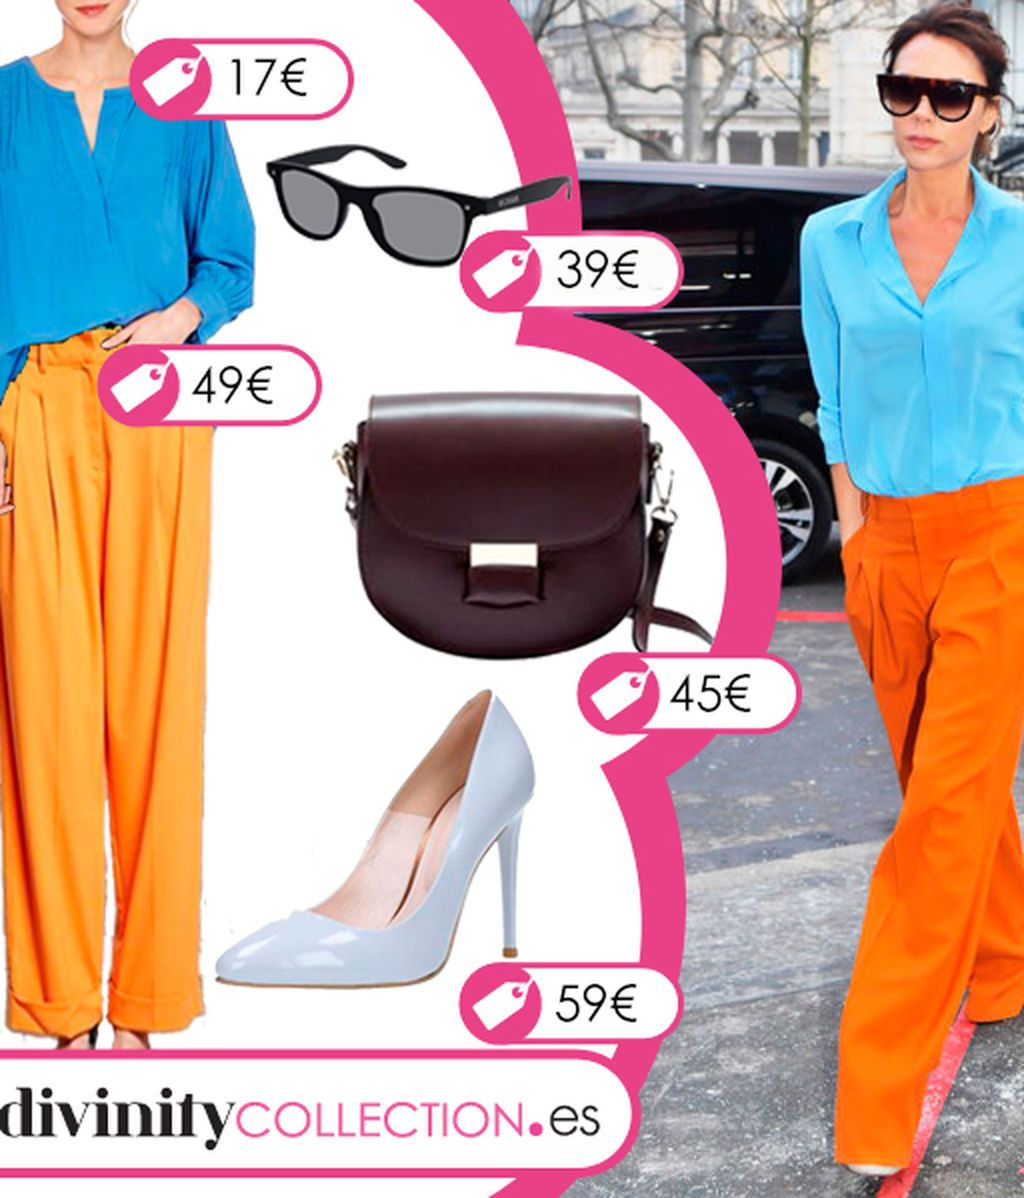 Consigue el look de Victoria Beckham con pantalón naranja y blusa azul